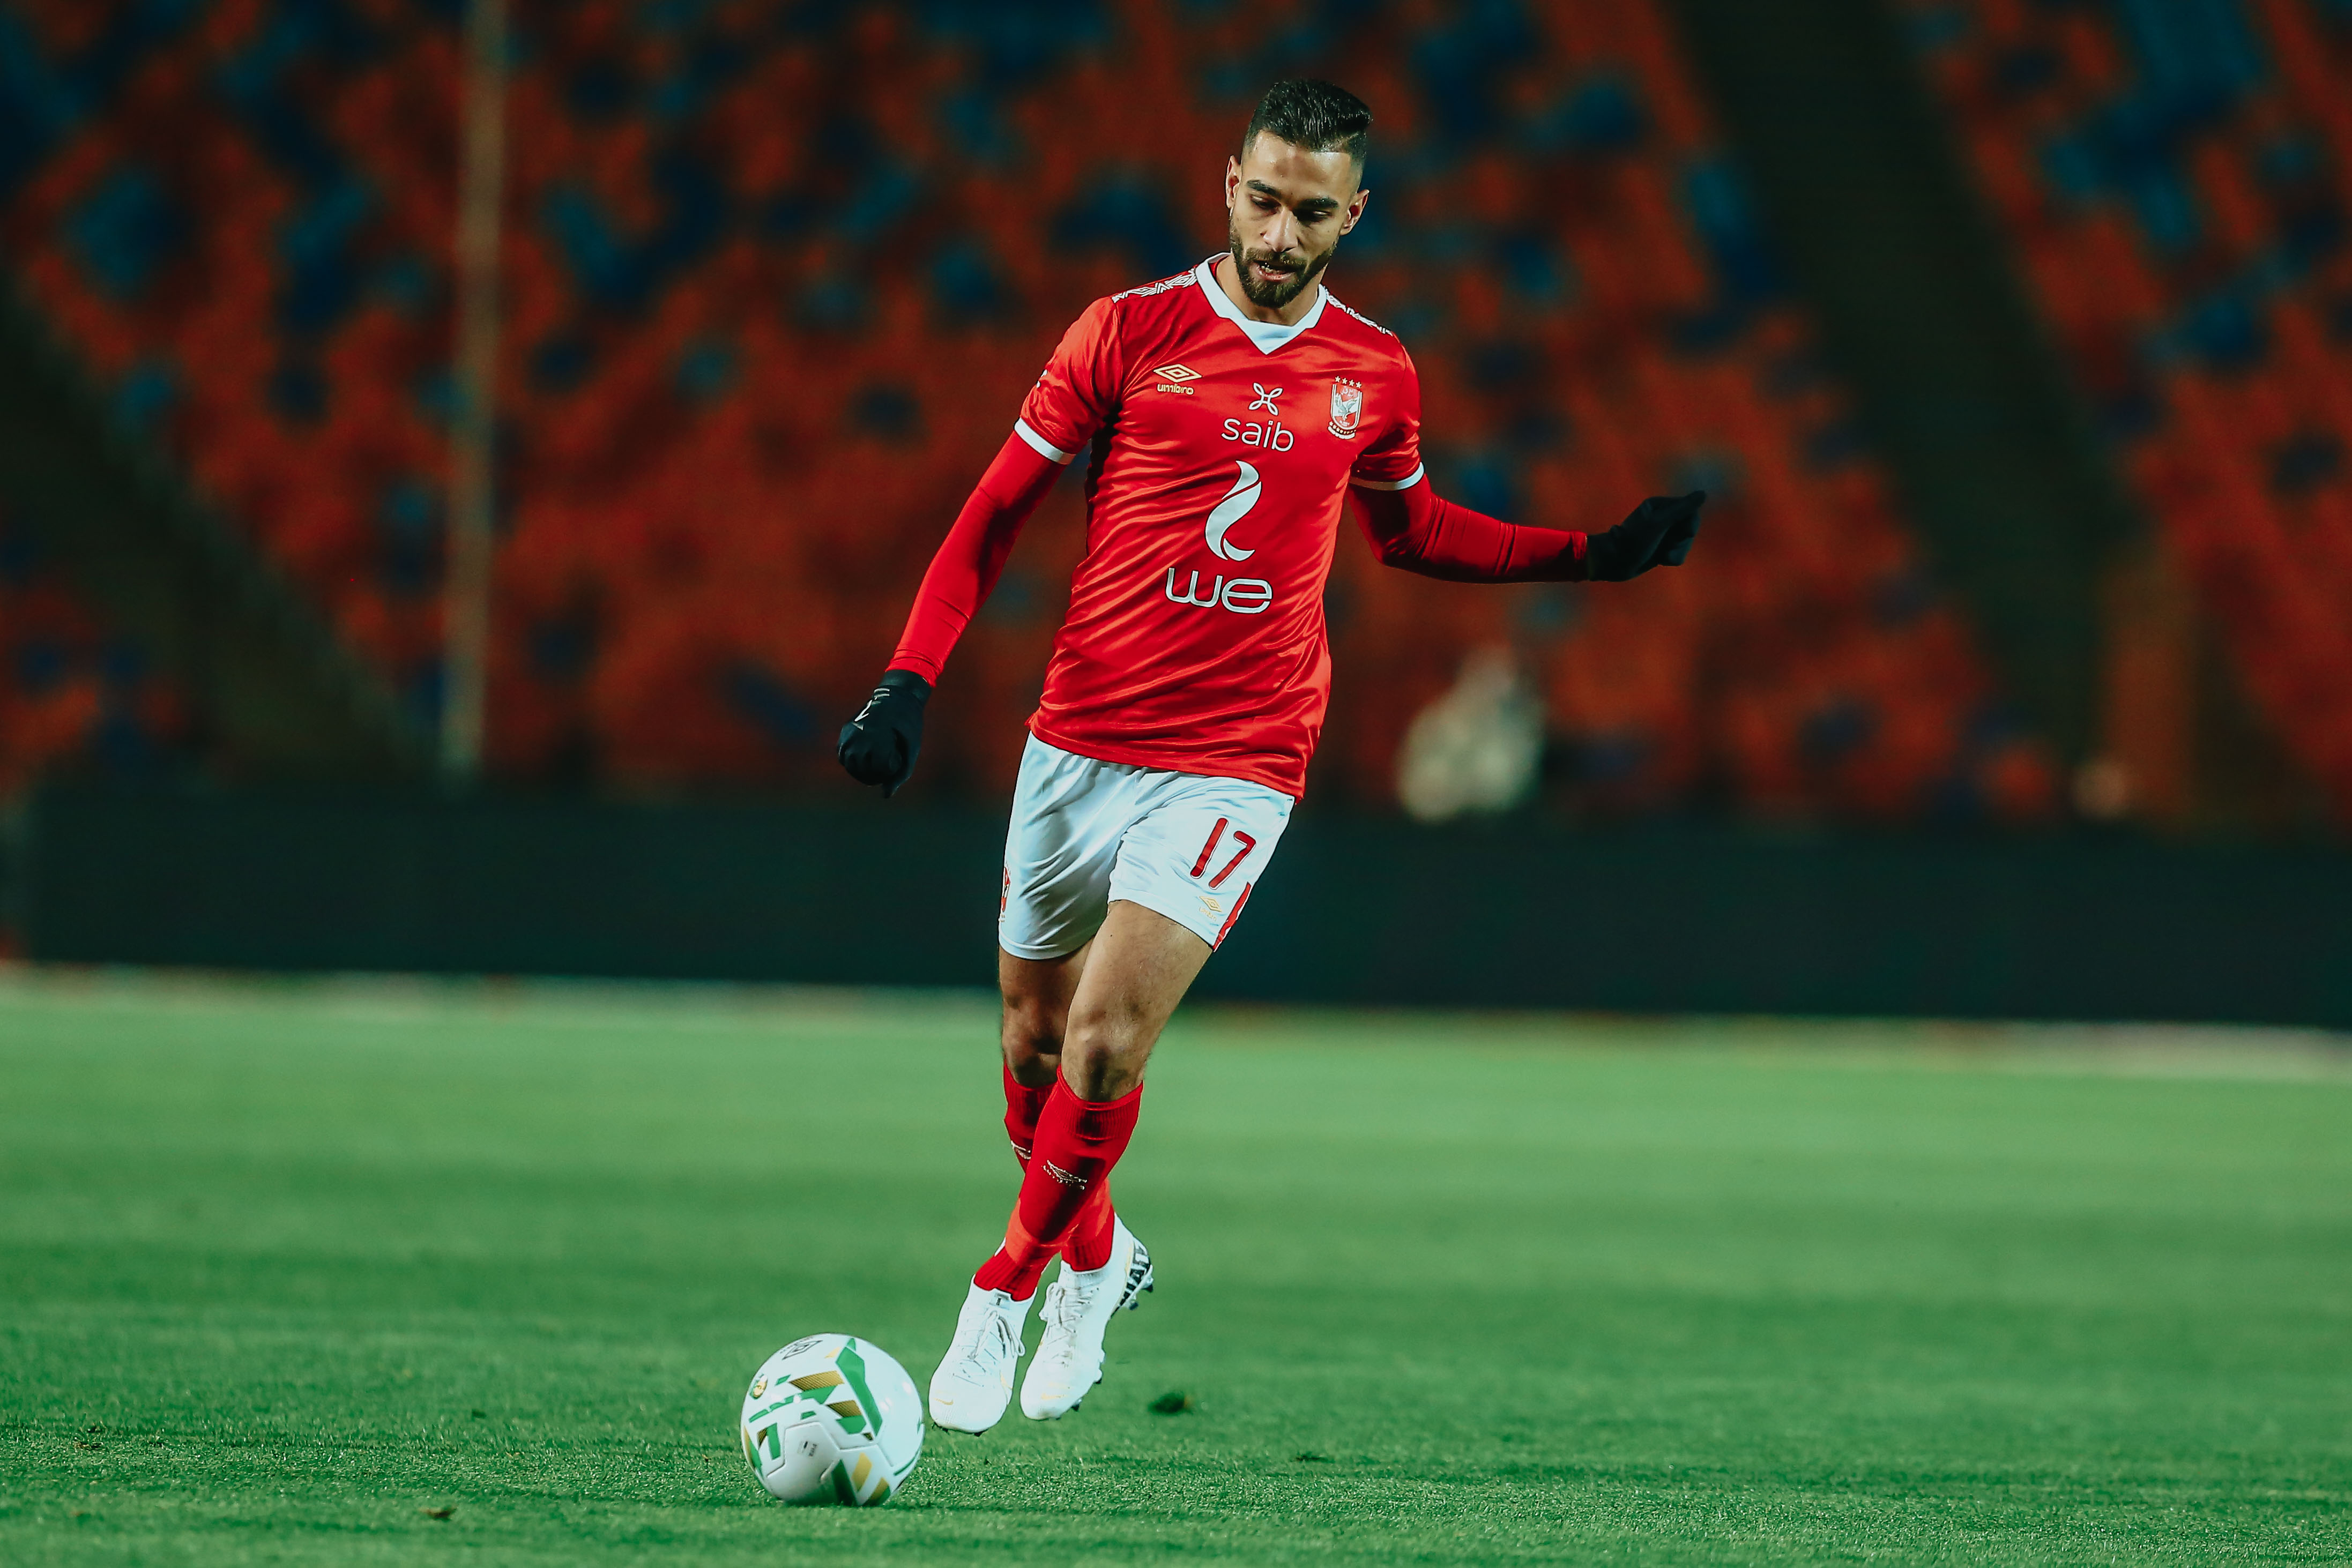 السوبر المصري  بعد 30 دقيقة التعادل السلبي يسيطر علي المباراة وسط محاولات الأهلي الهجومية